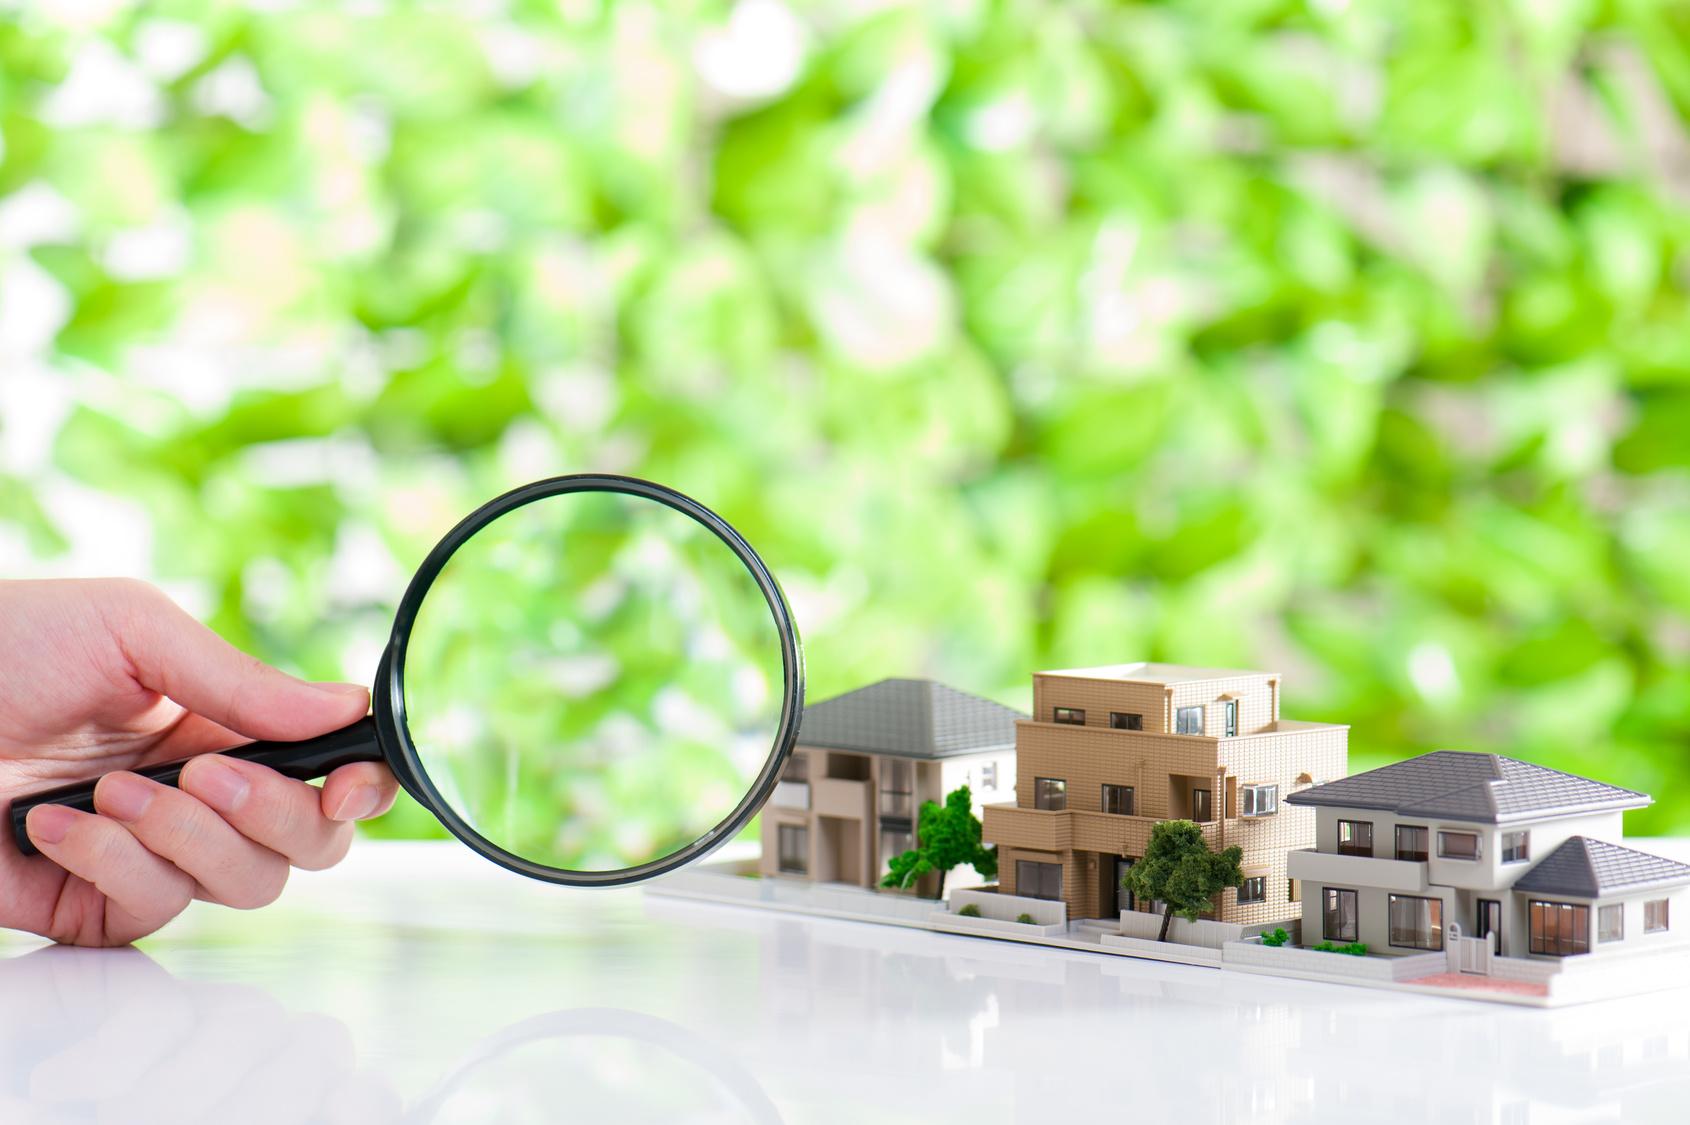 固定資産税評価額を知っているとどんなことがわかるの?